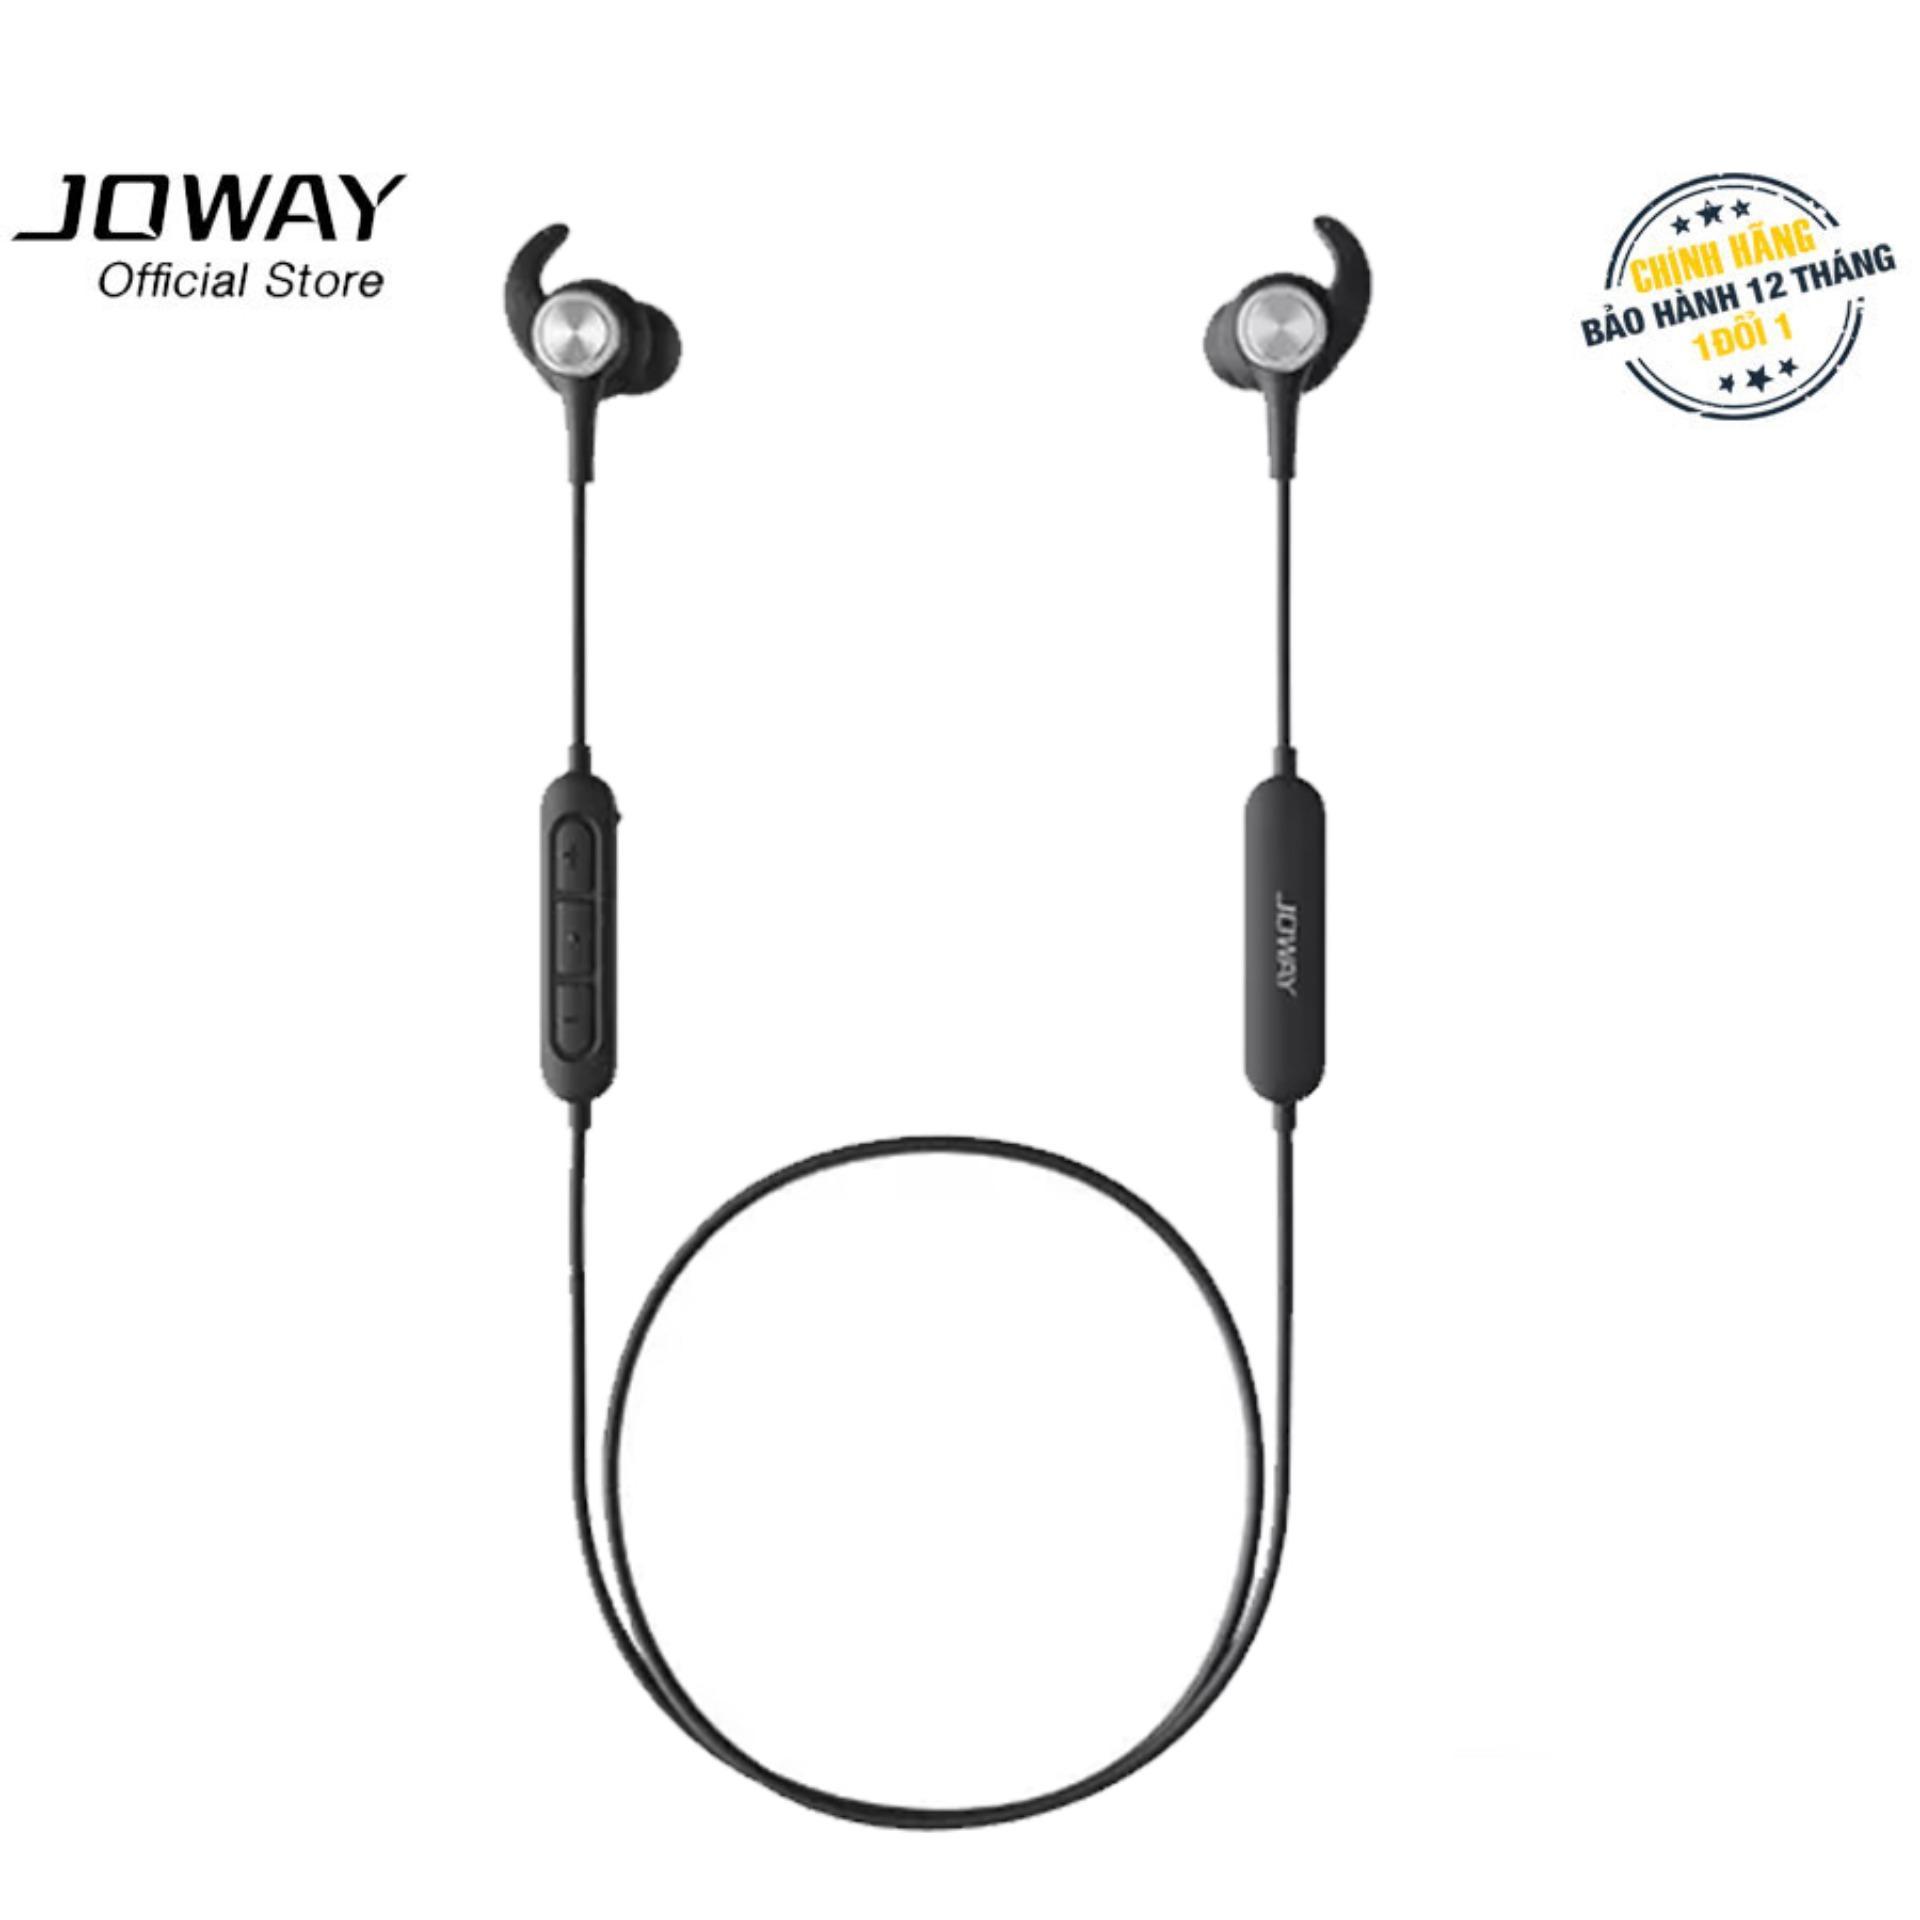 Tai nghe Bluetooth chuyên game di động PUBG, RULES OF SURVIVAL Joway H32 âm thanh vòm 360 độ, 3D nghe rõ mọi chuyển động trong game - Hãng phân phối chính thức